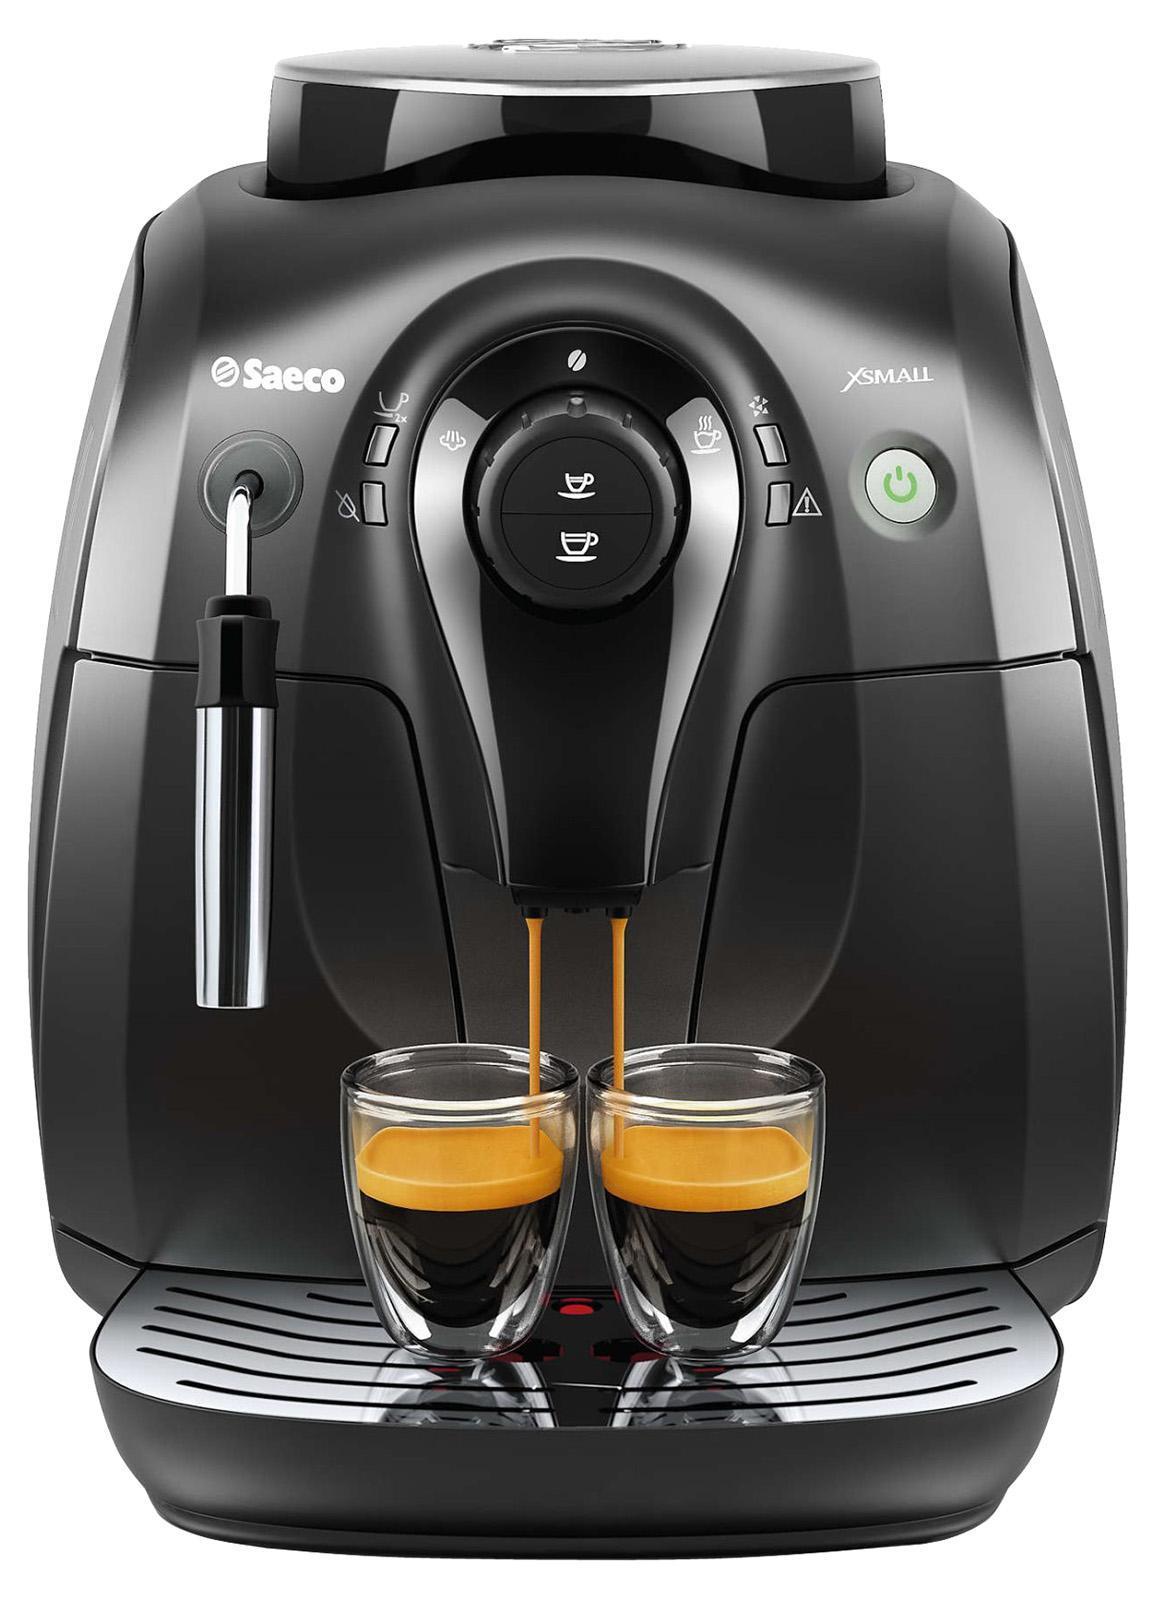 Philips HD8649/01 кофемашинаHD8649/01Эспрессо из свежемолотых кофейных зерен простым нажатием кнопки. Приготовьте одну или сразу две порции превосходного эспрессо, сваренного из свежемолотых кофейных зерен, просто нажав на кнопку и подождав несколько секунд. Потрясающий вкус благодаря 100%-но керамическим жерновам. Керамика гарантирует долгий срок службы и бесшумную работу. Регулируемые настройки помола для идеального вкуса кофе. Выберите одну из пяти степеней помола на ваш вкус - от самого тонкого для приготовления насыщенного крепкого эспрессо до самого грубого для более легкого вкуса. Сохраните персональные настройки объема напитка с помощью функции запоминания. Благодаря функции запоминания вы можете запрограммировать и сохранить нужный объем, чтобы всегда готовить любимый кофе так, как вам нравится. Классический капучинатор, который бариста называют панарелло, используется для приготовления с помощью пара мягкой молочной пены для вашего капучино. Почувствуйте себя бариста - готовьте вкусные молочные напитки...